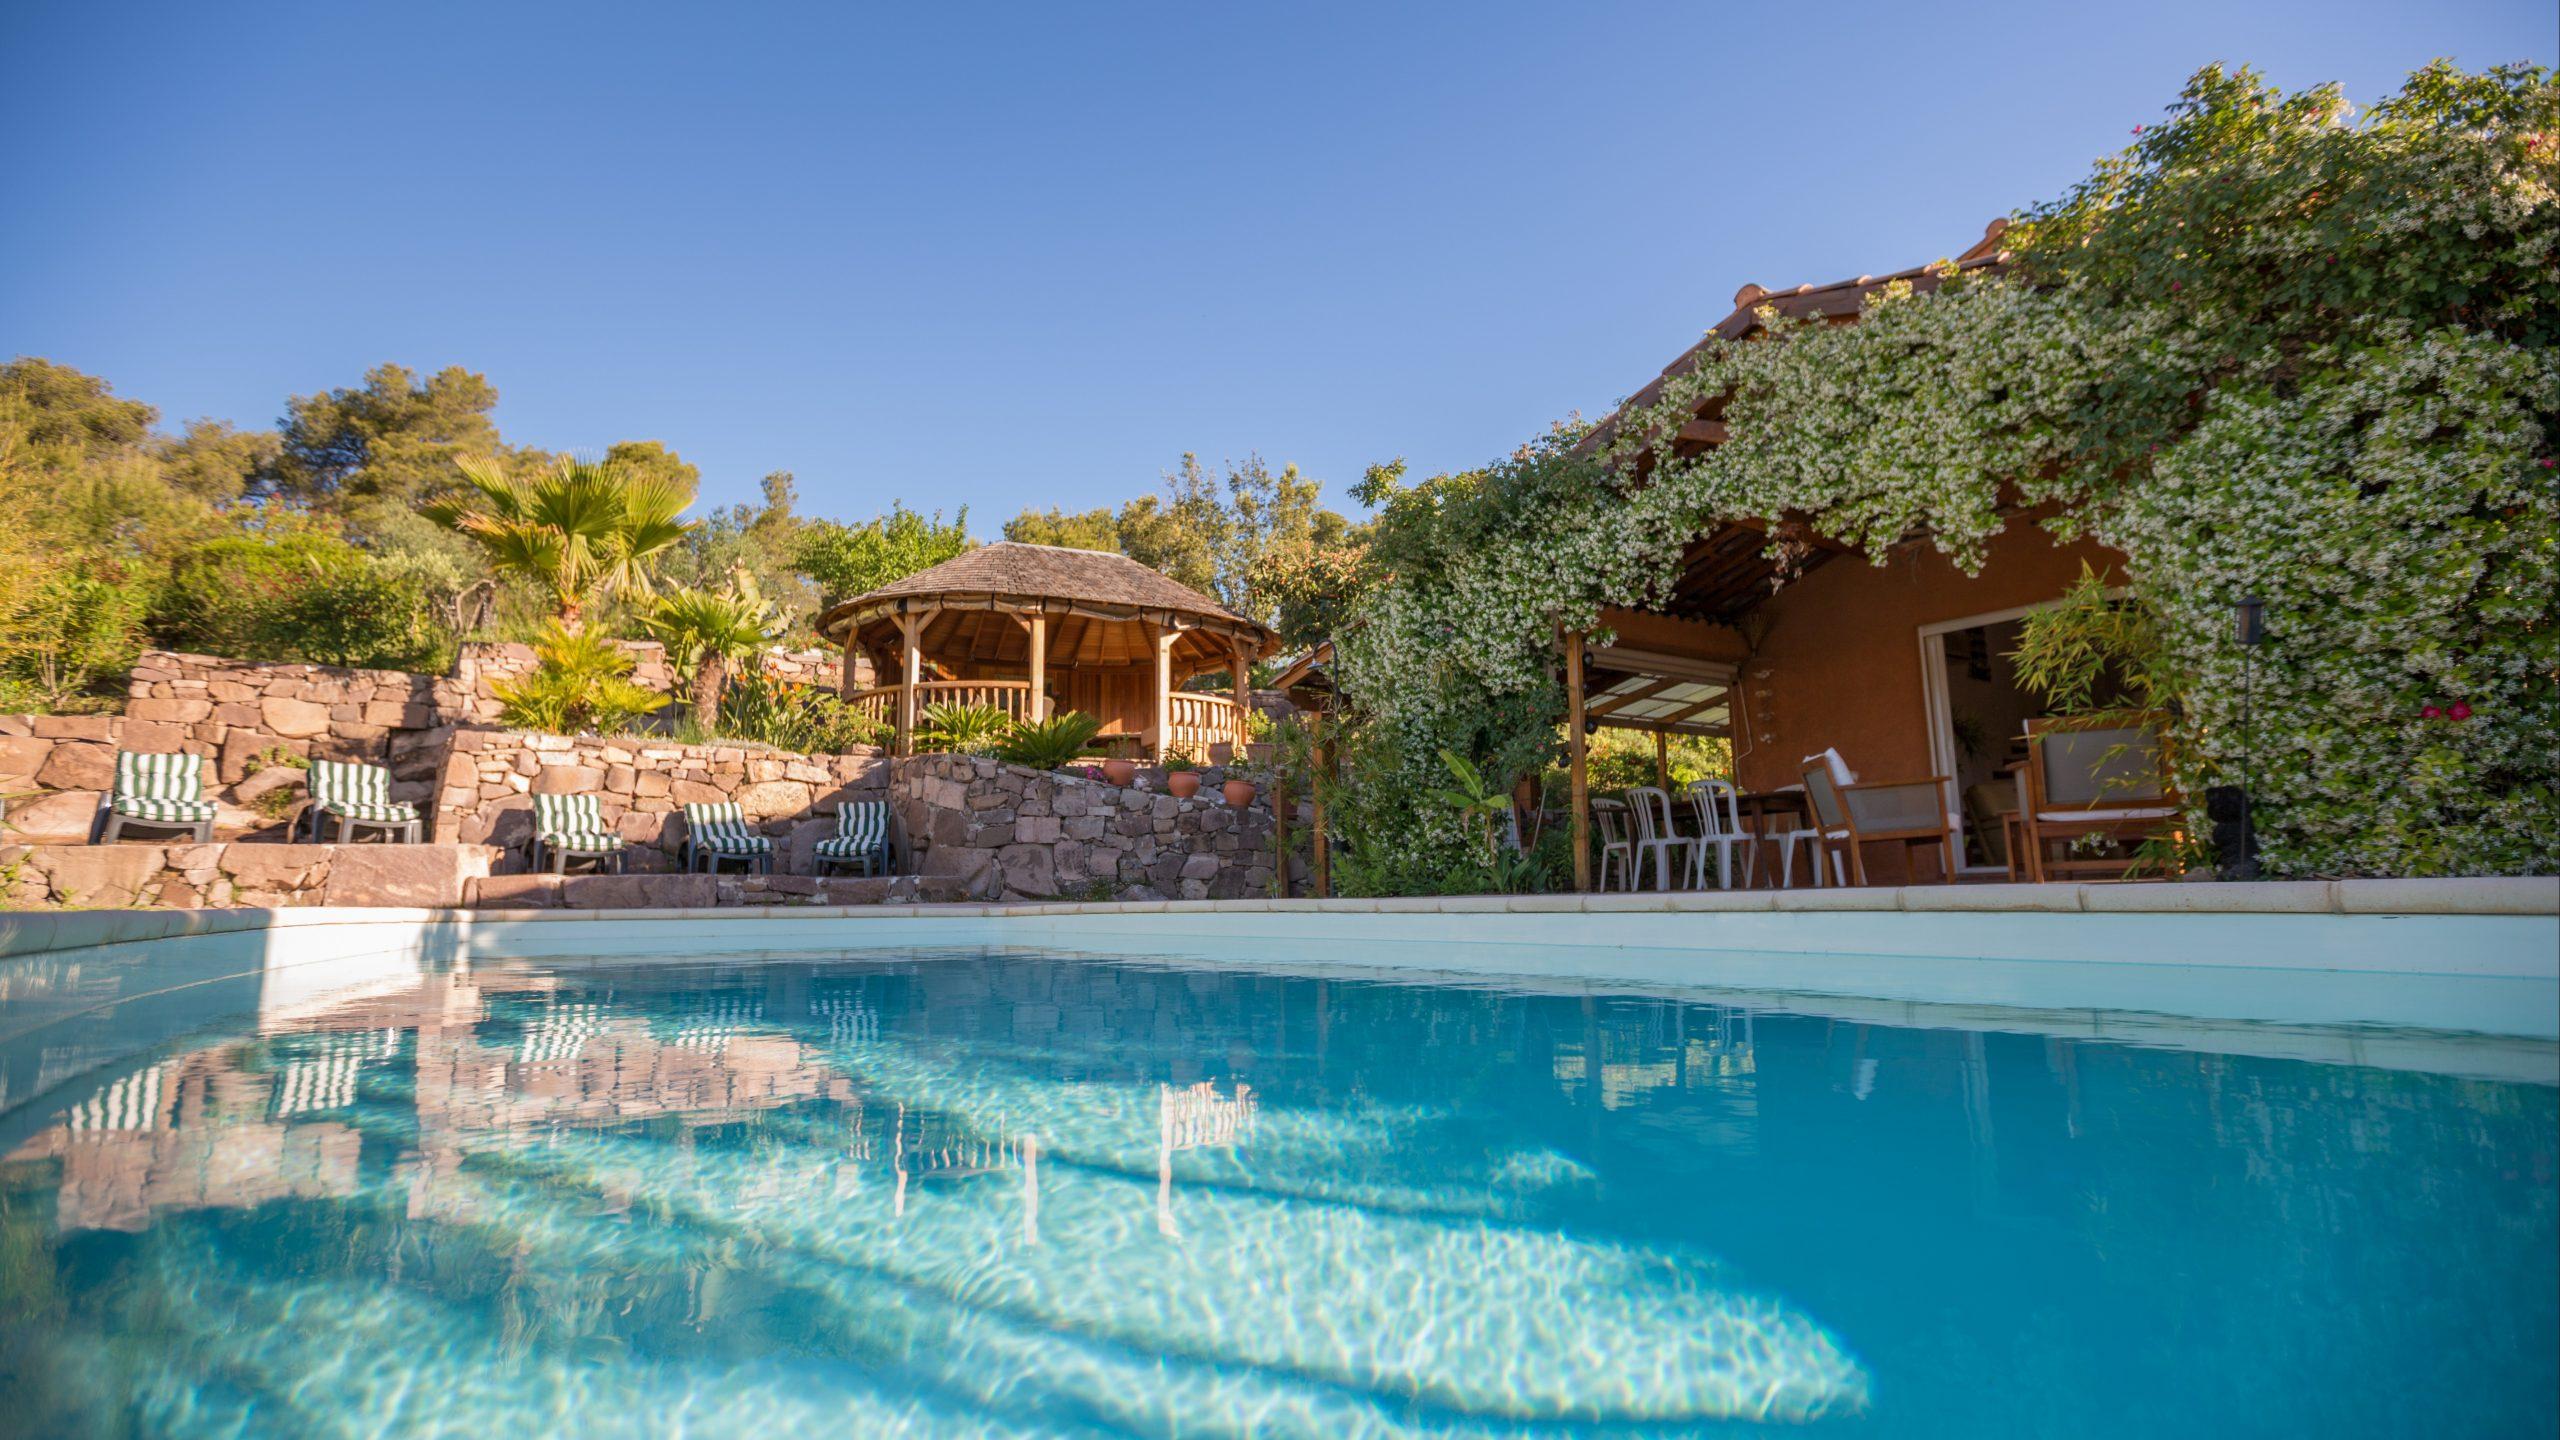 Location Maison Avec Piscine Pas Chère | Abritel destiné Location Villa Portugal Avec Piscine Pas Cher